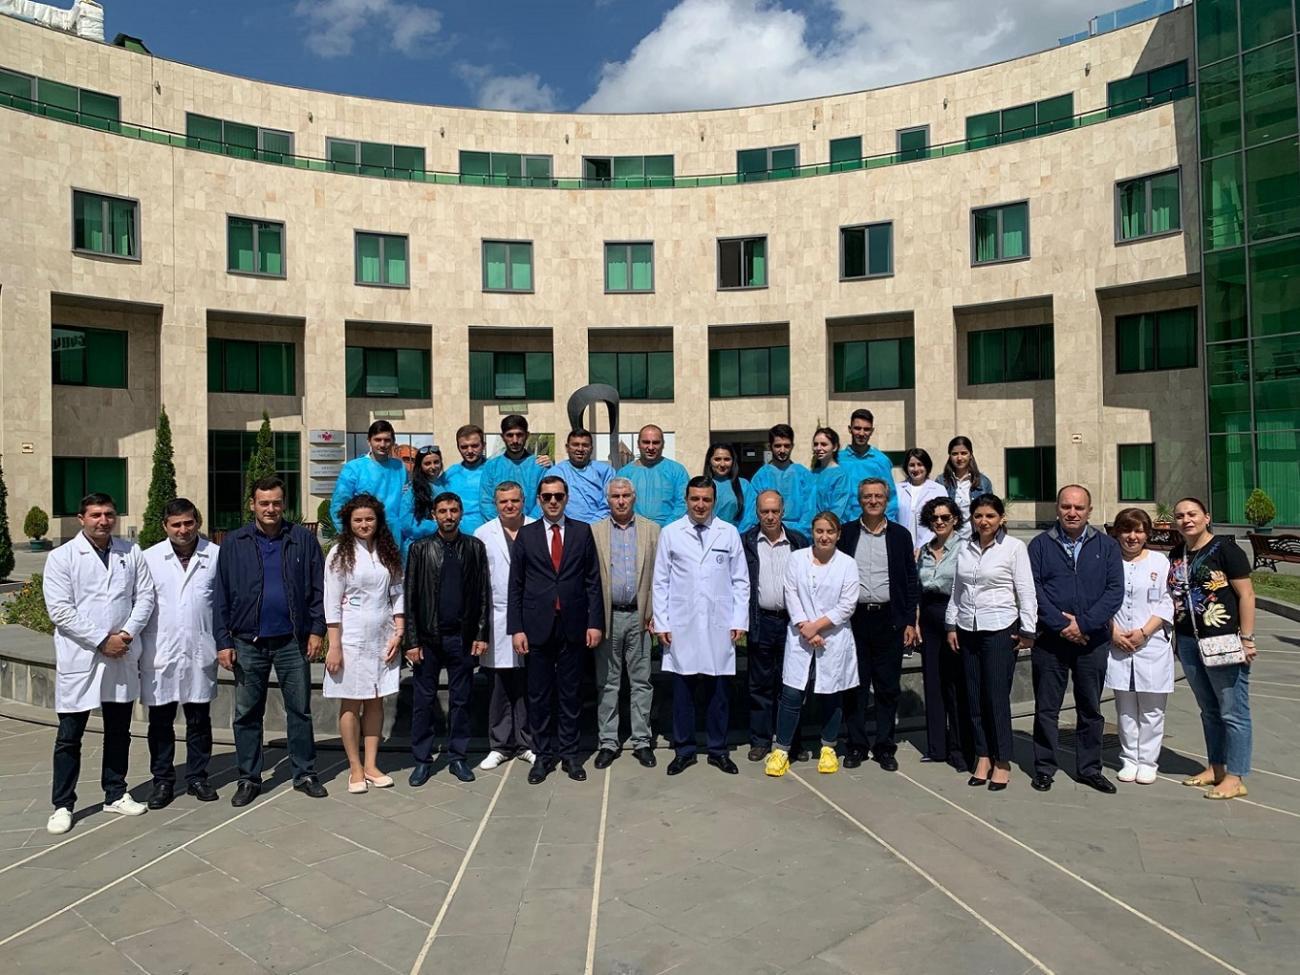 ԵՊԲՀ պատվիրակության այցն Արցախ՝ լի համագործակցությամբ և արդյունավետ ծրագրերով